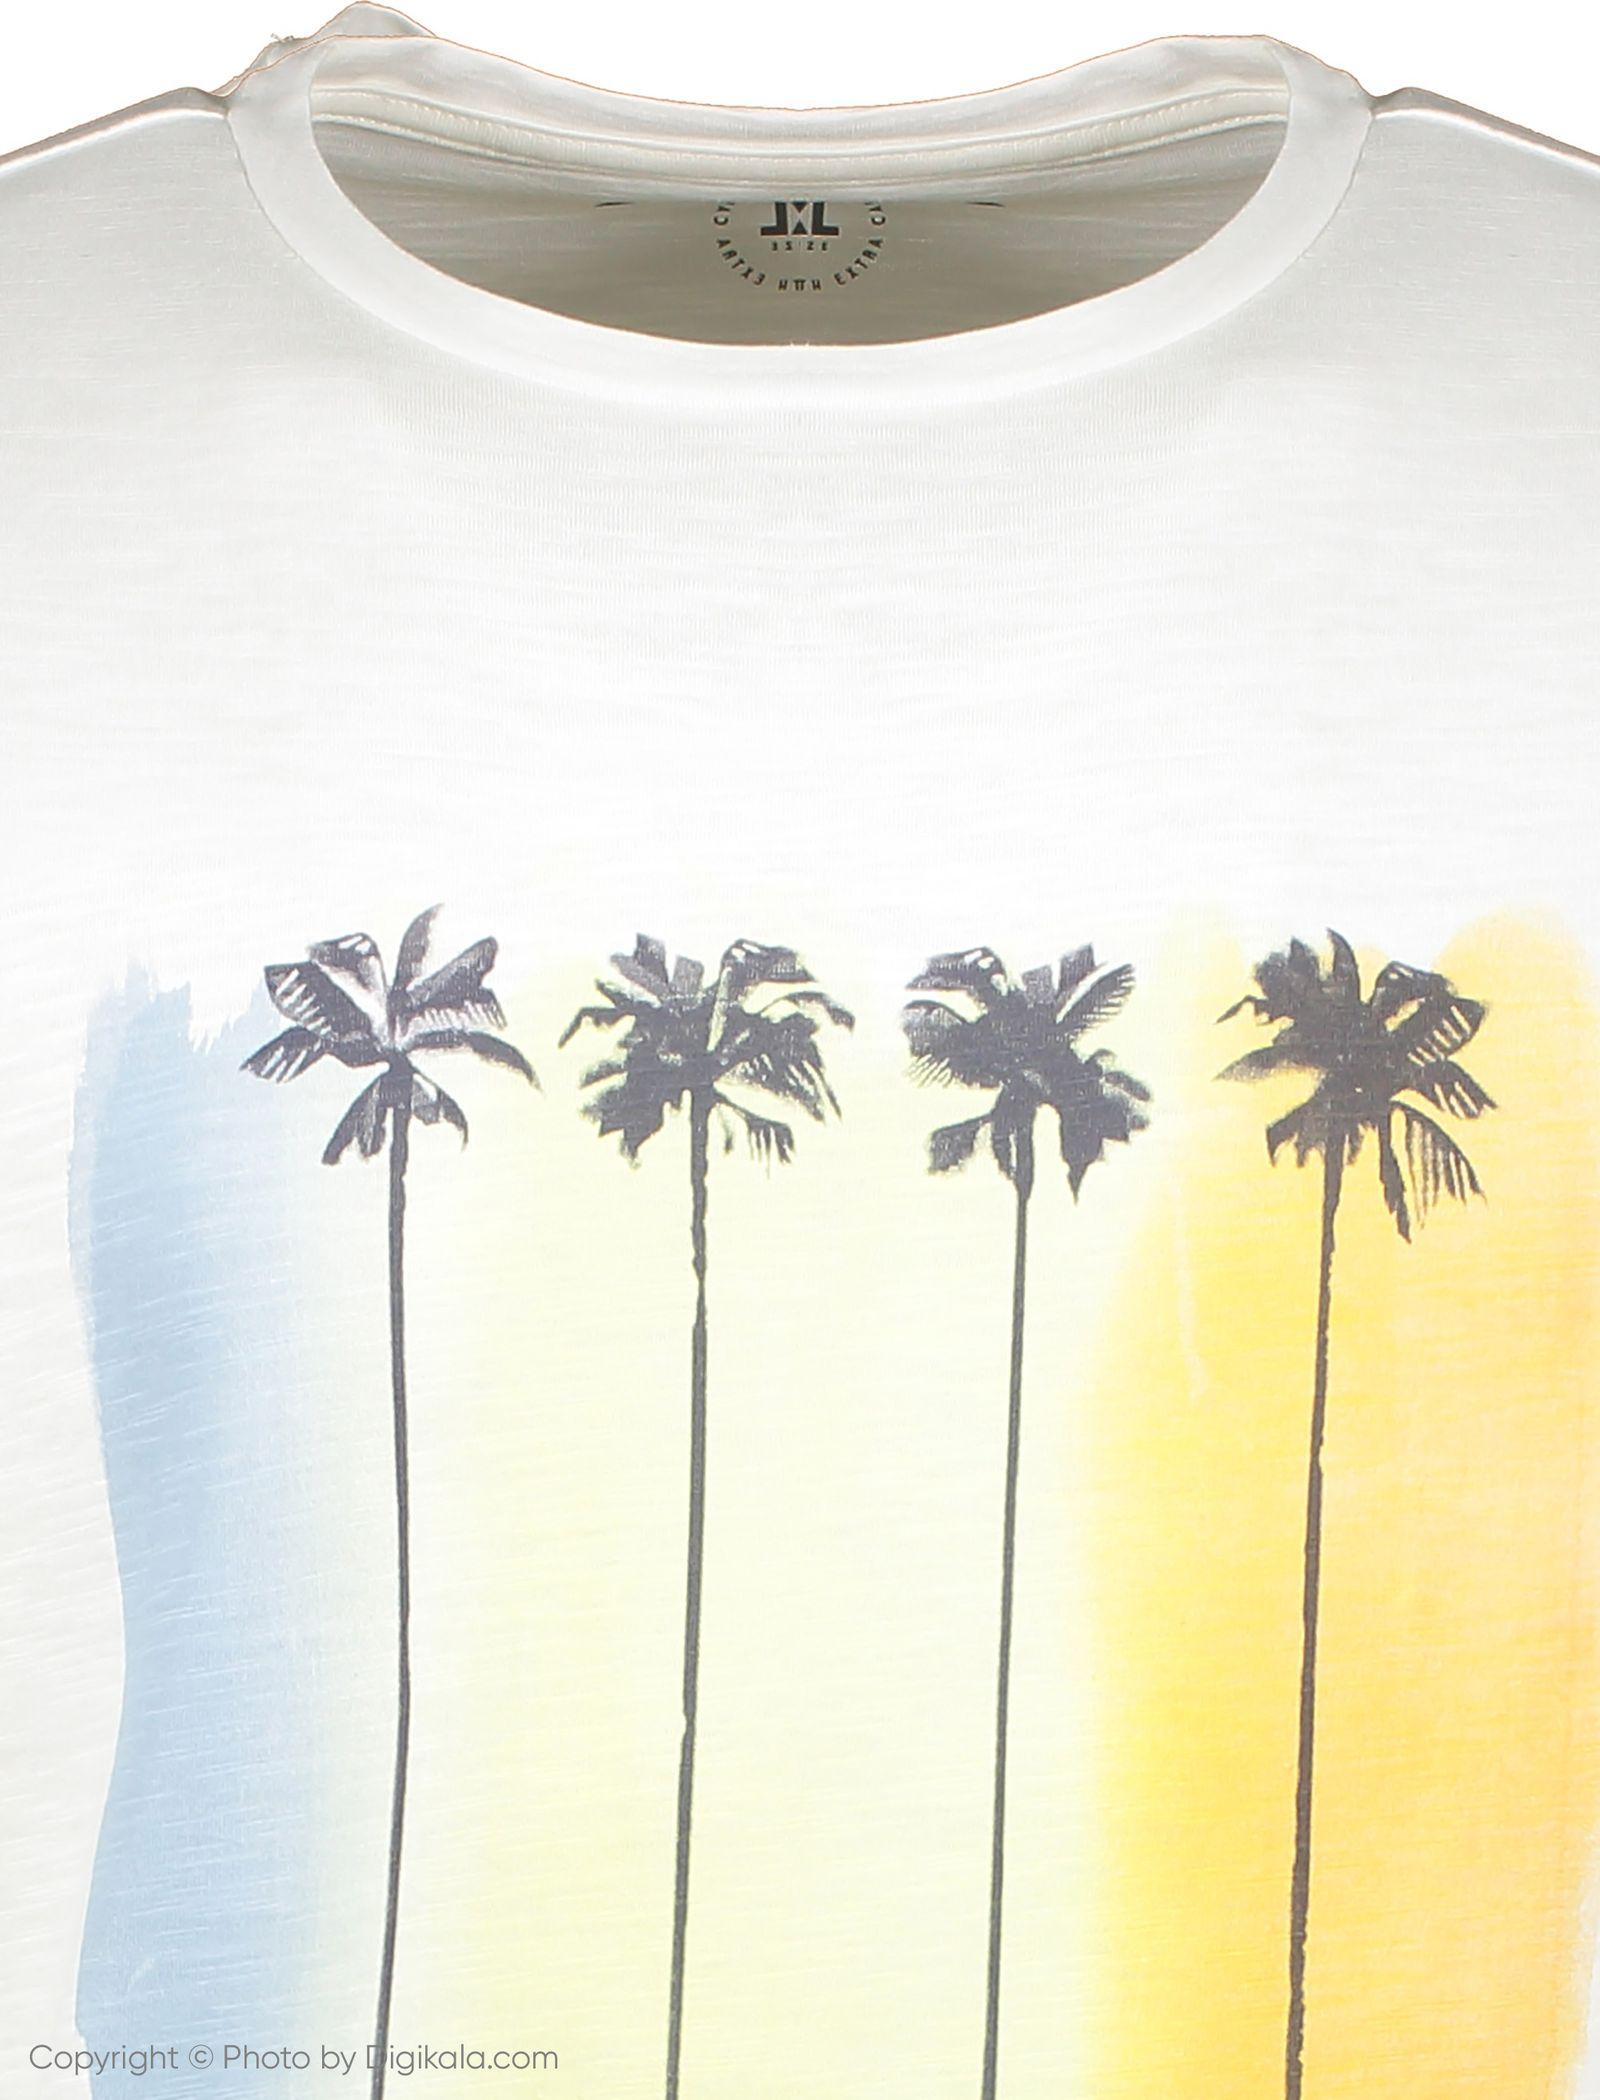 تی شرت مردانه یوپیم مدل 5127665 -  - 4